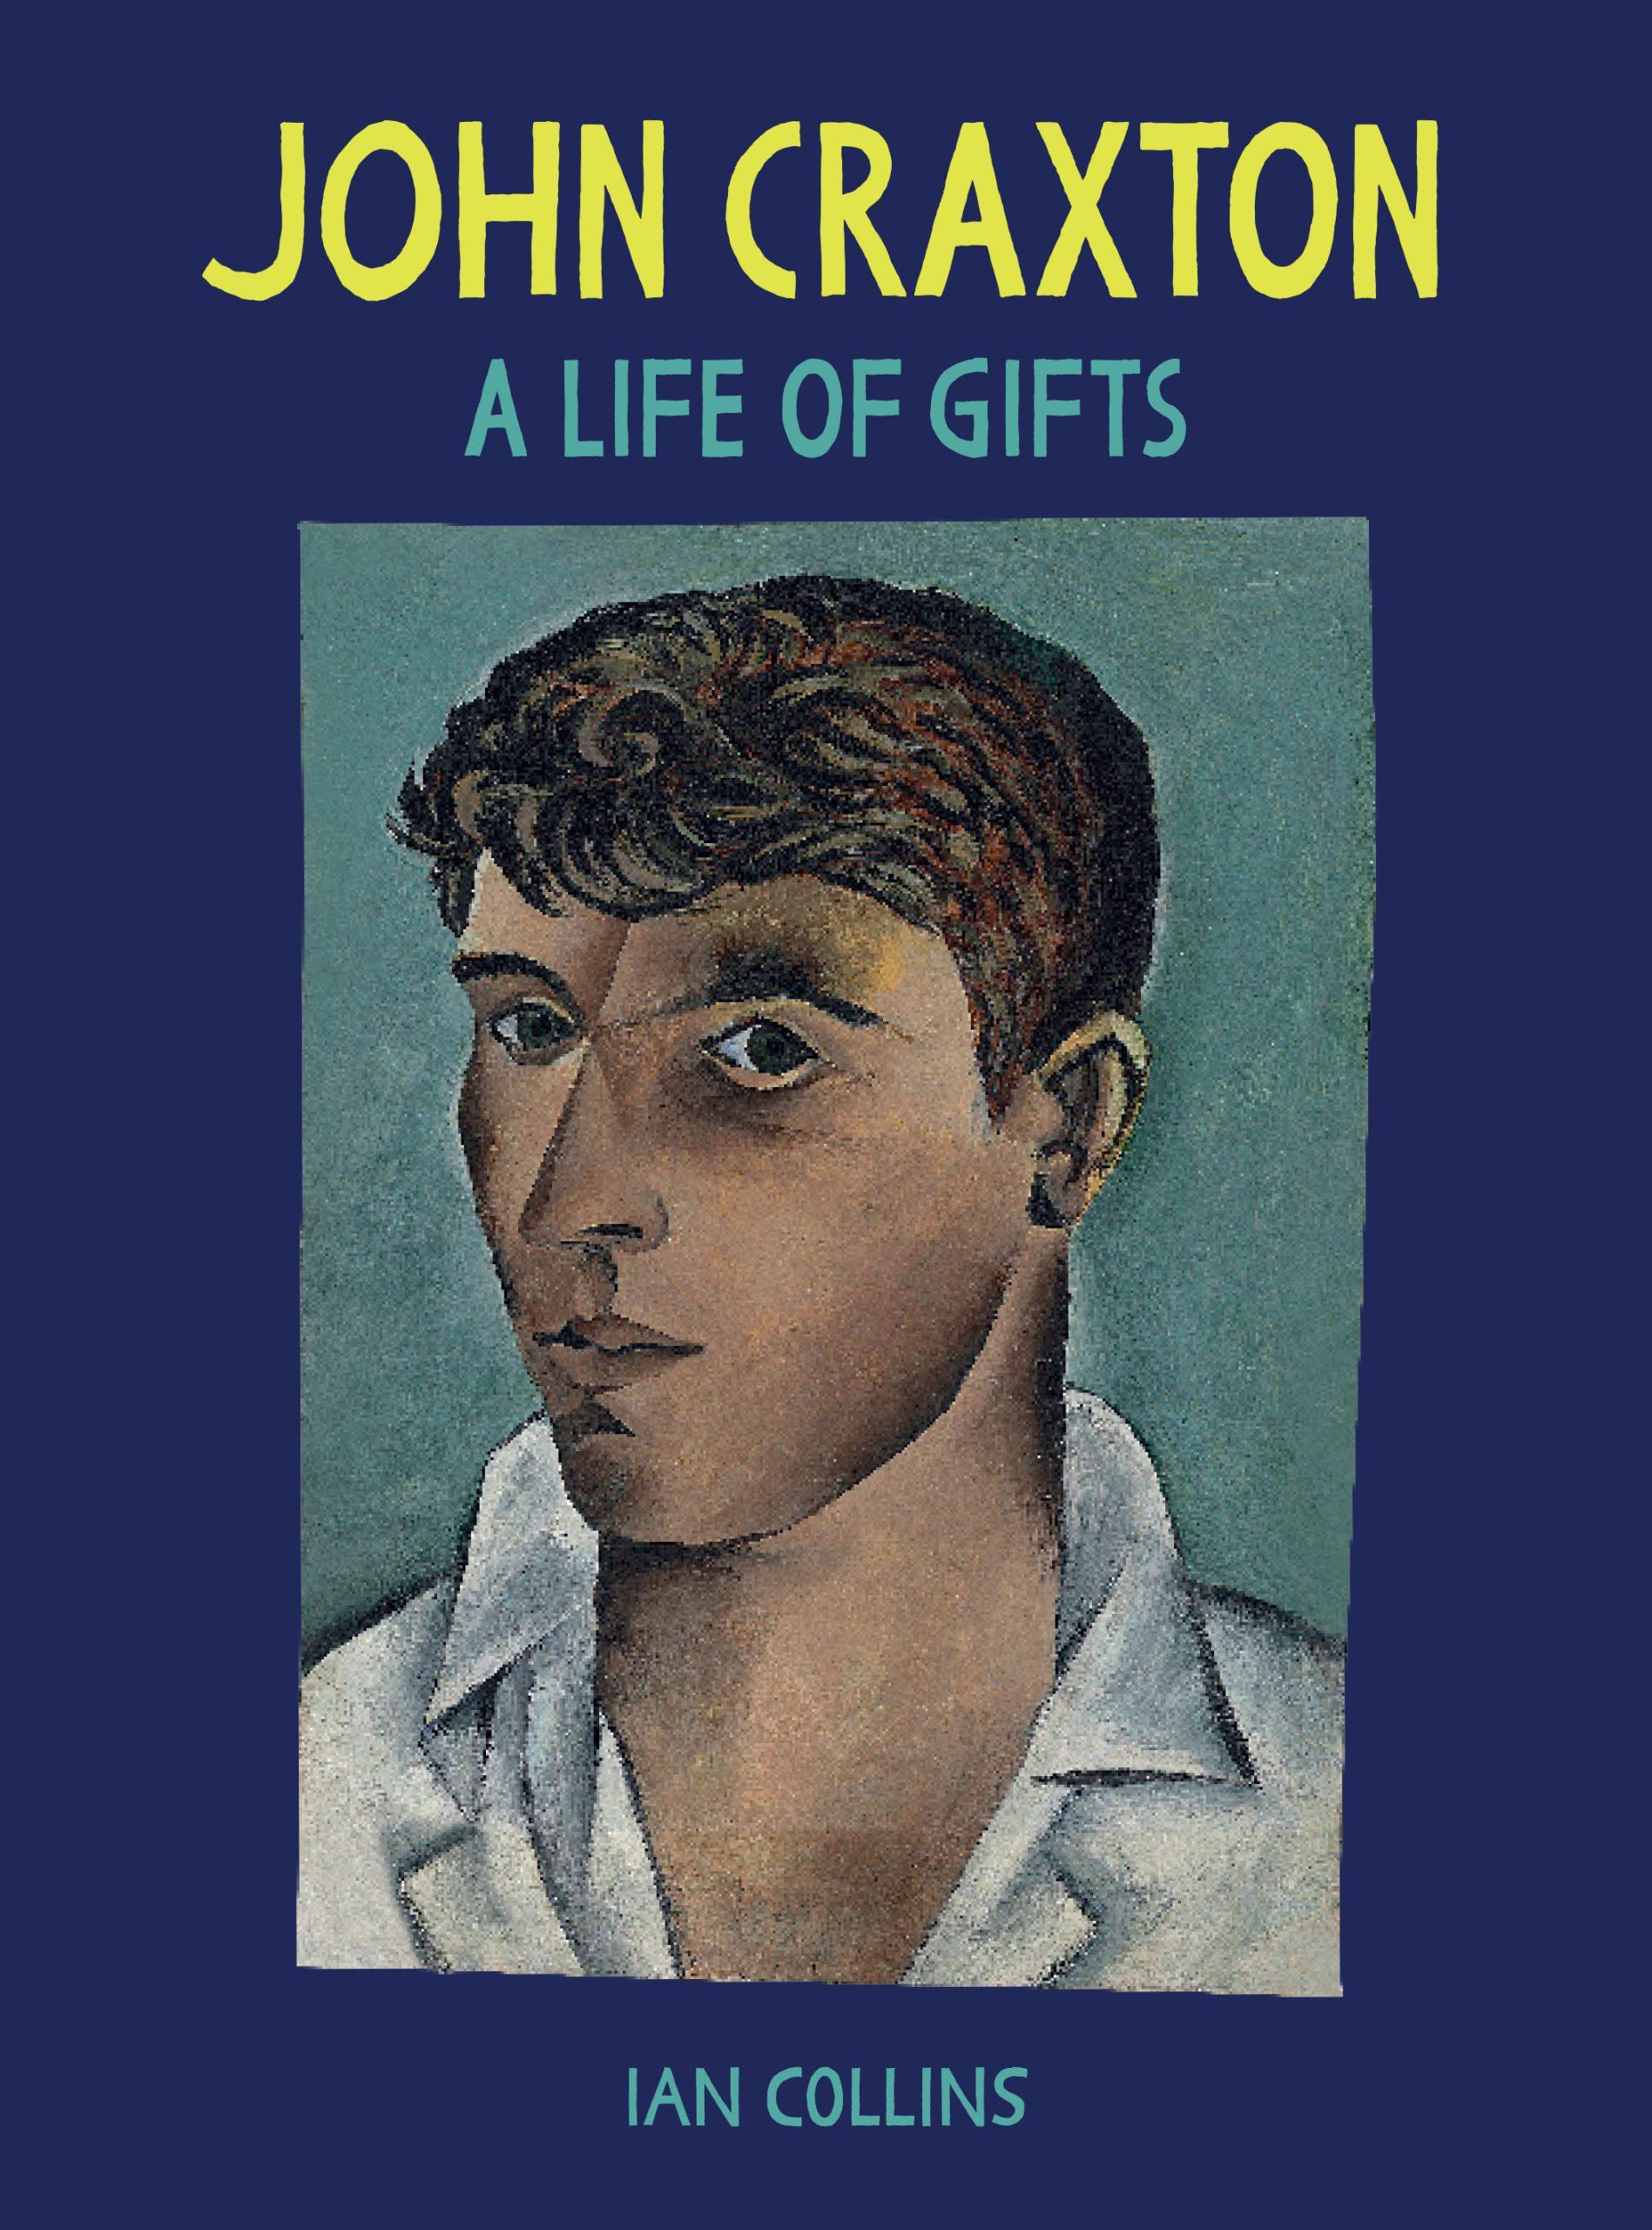 John Craxton: A Life of Gifts